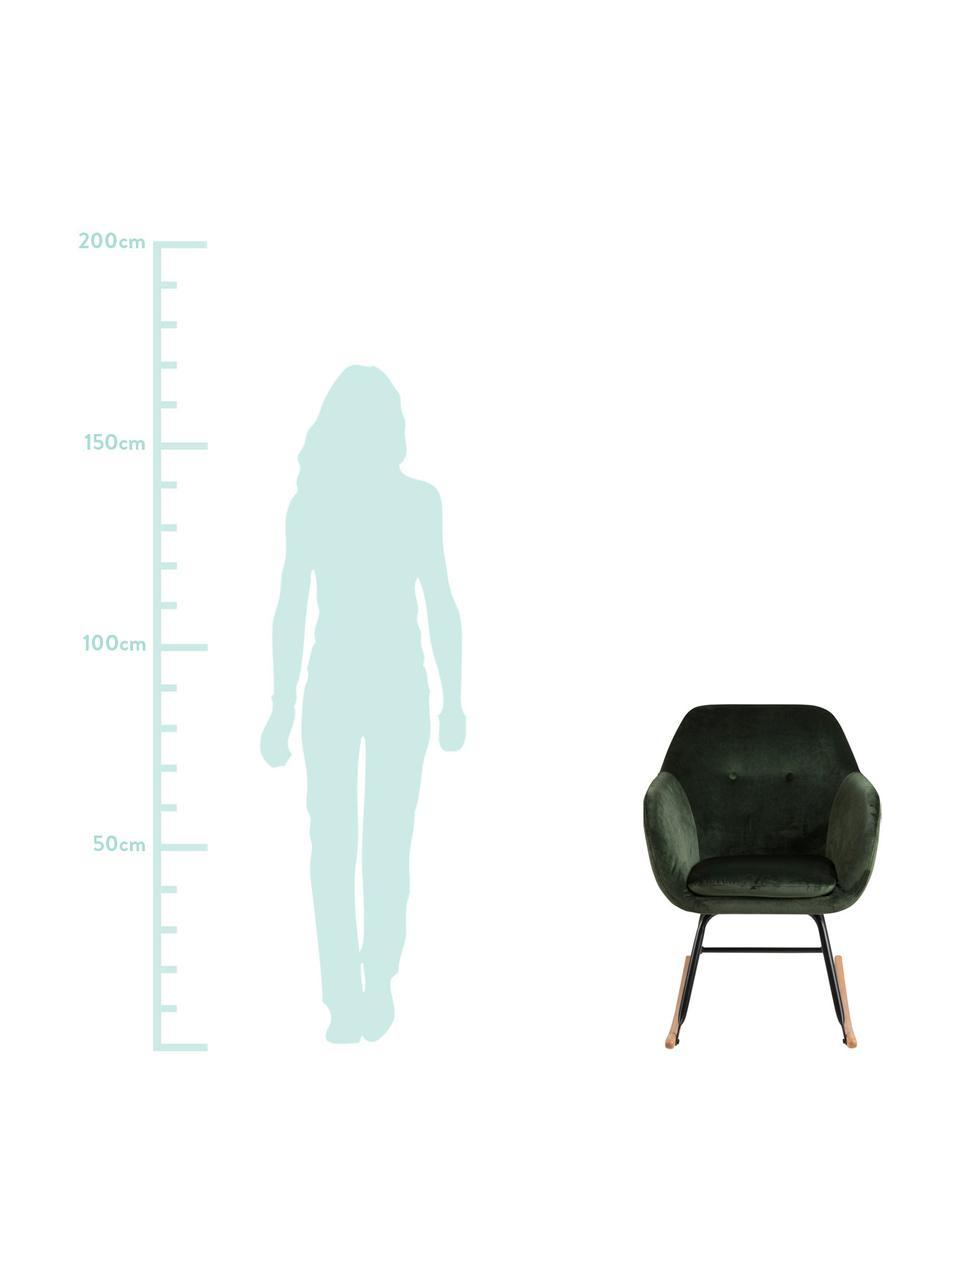 Samt-Schaukelstuhl Emilia in Grün, Bezug: Polyester (Samt) 25.000 S, Beine: Metall, pulverbeschichtet, Samt Grün, 57 x 69 cm